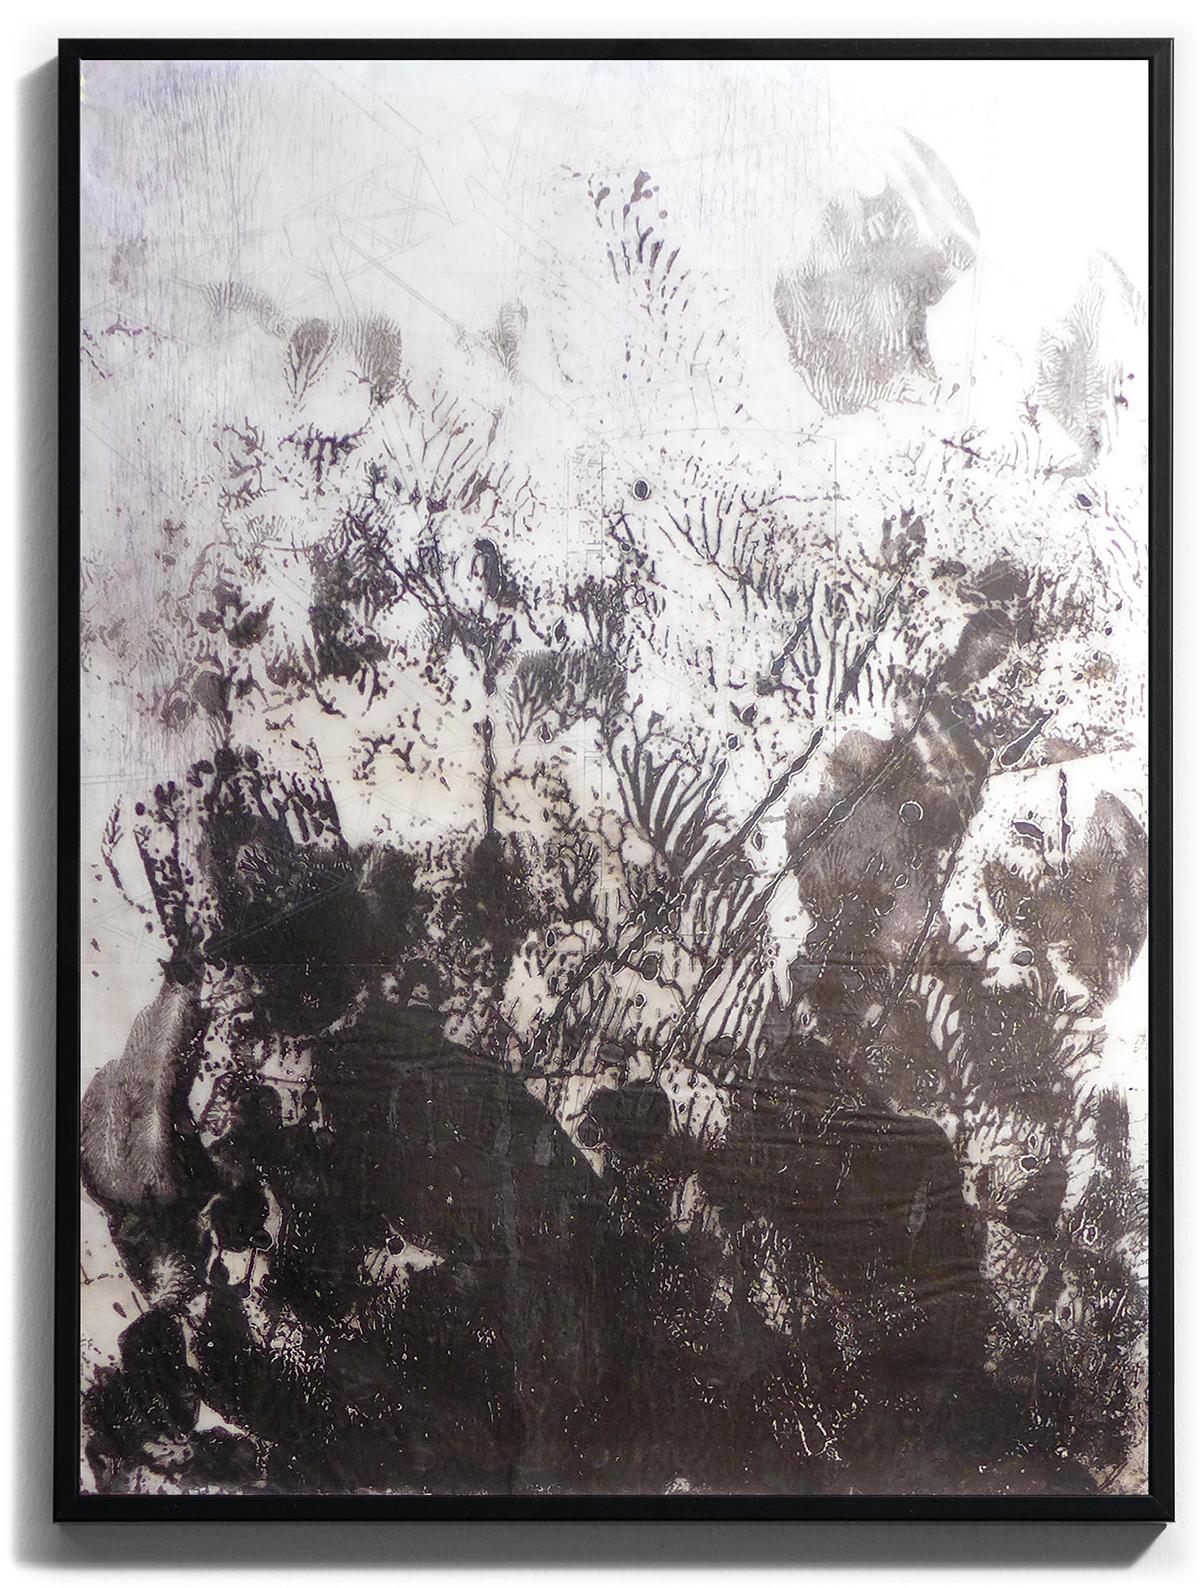 ce qu'il faut aux yeux pour se fermer, pièce unique sur papier Wenzhou 30g marouflé, monoprint. Techniques : pointe sèche, carborundum, blandine galtier ©